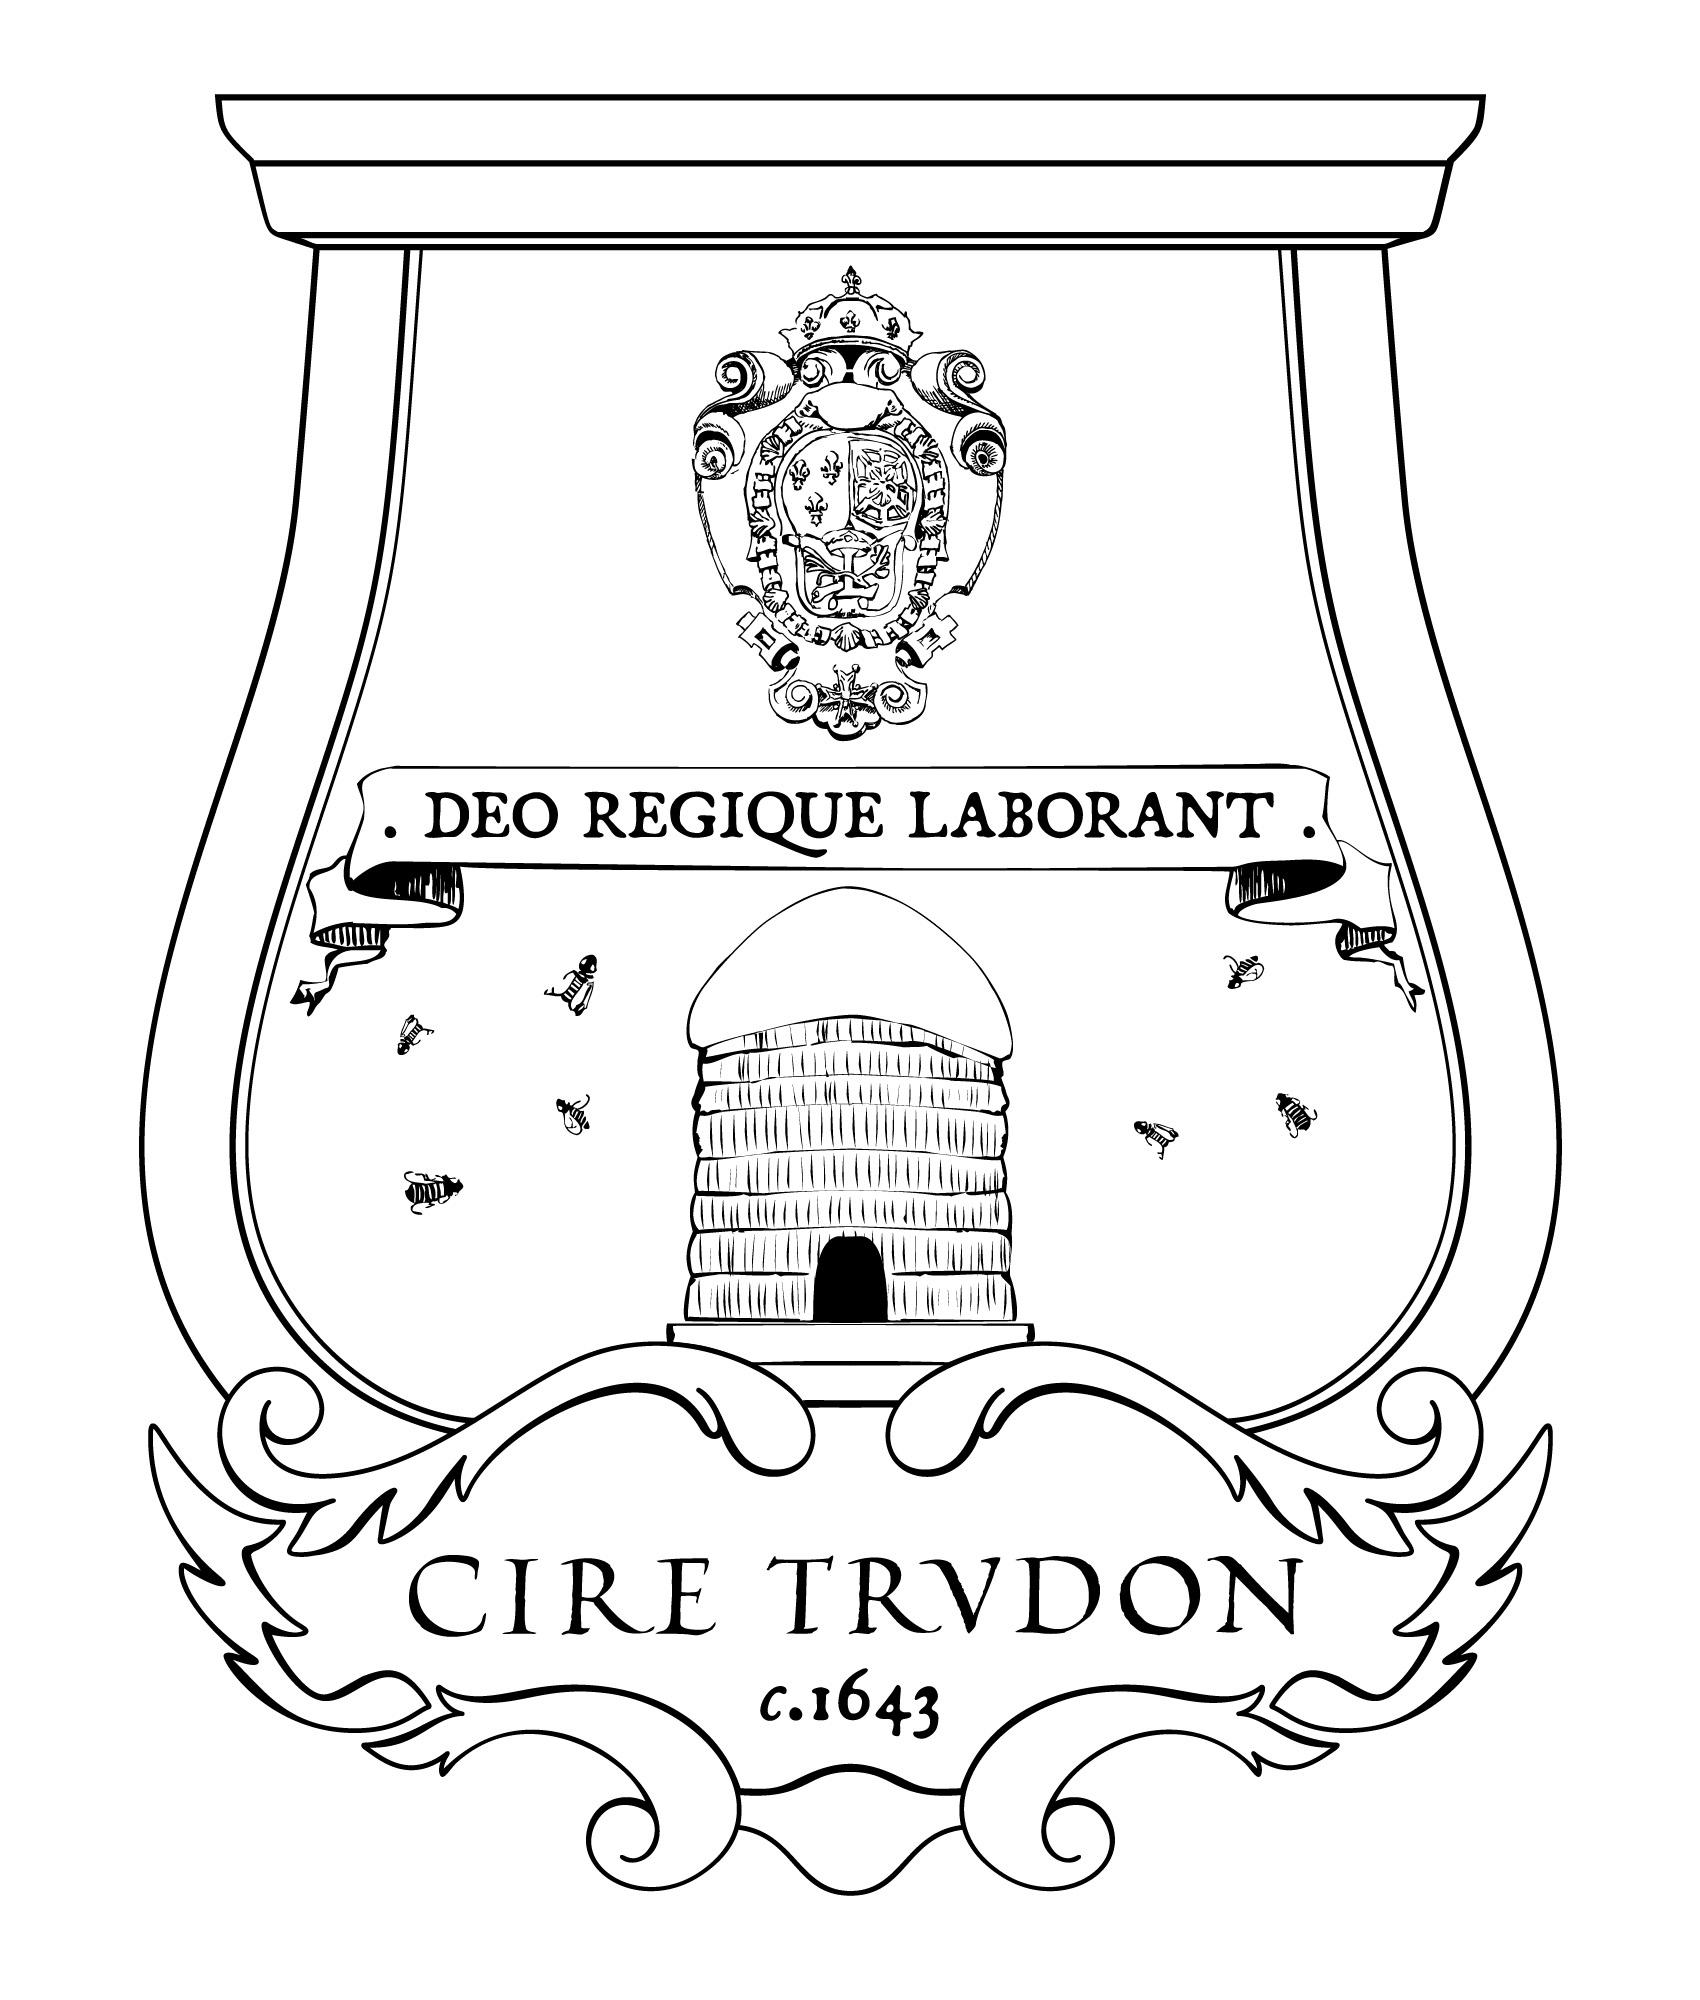 Cire Trudon's logo